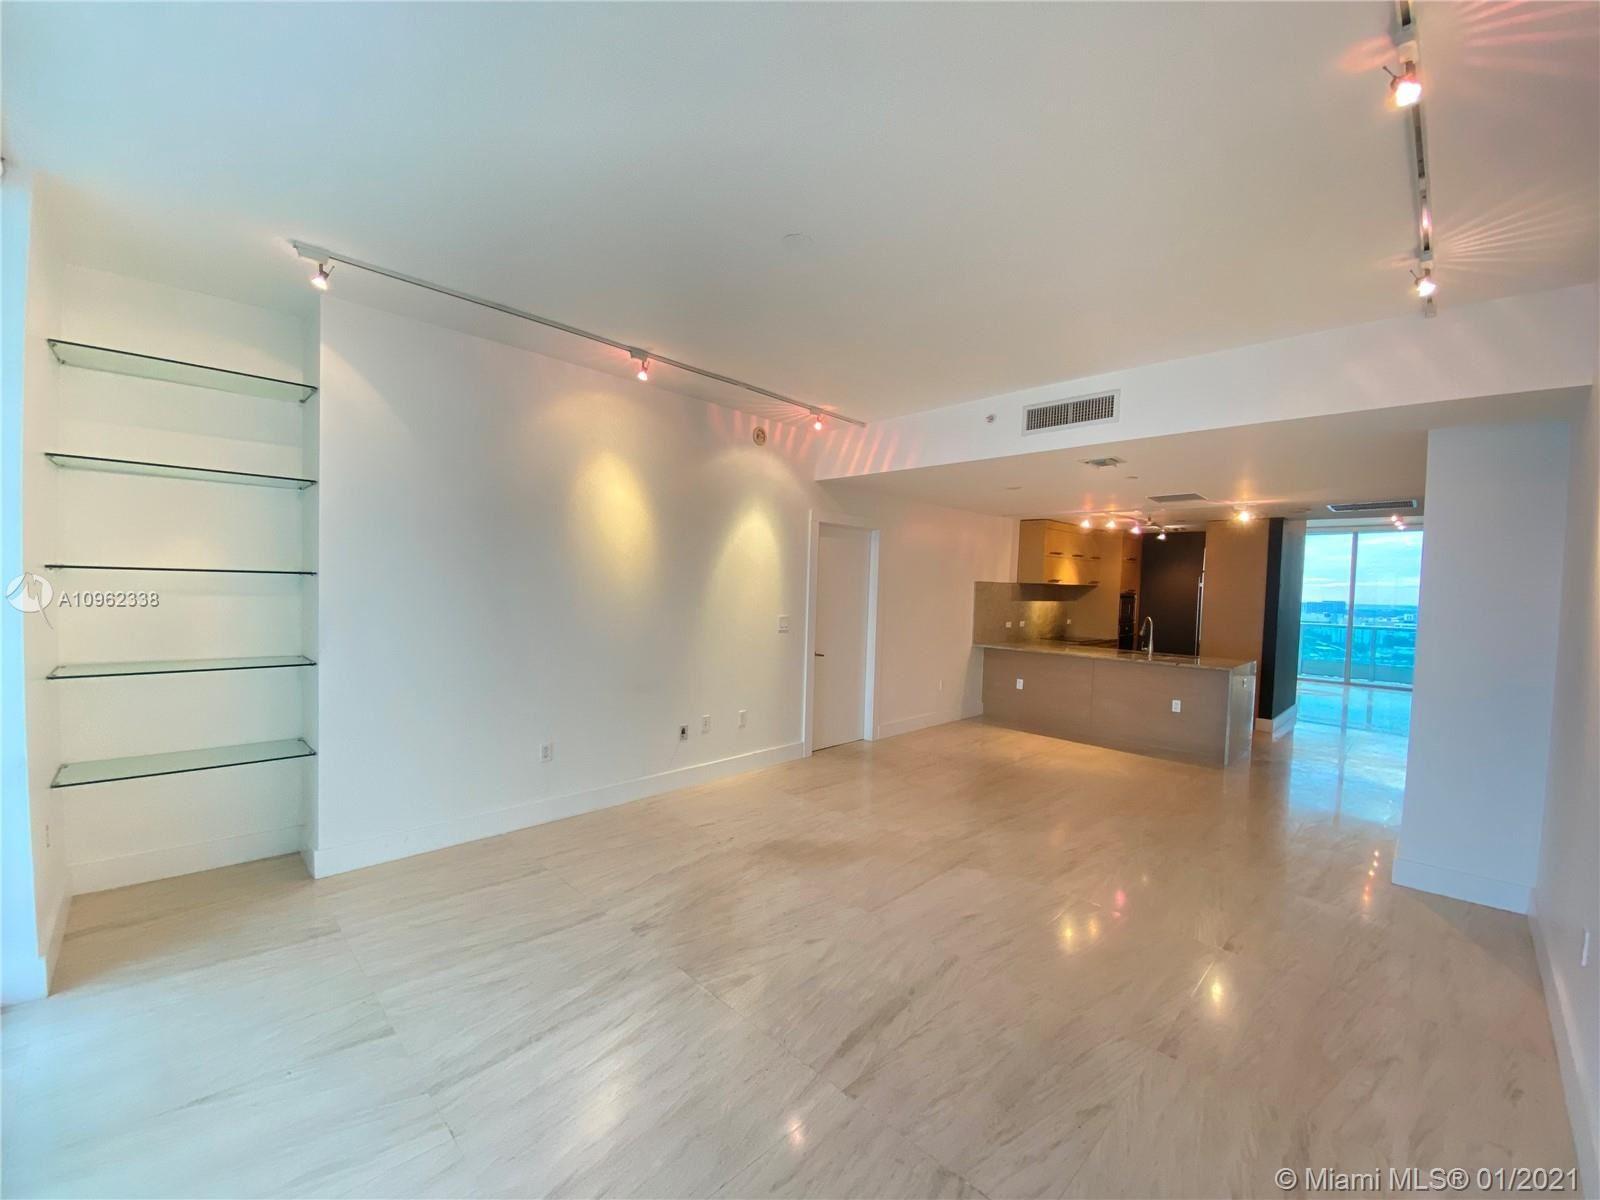 900 Biscayne Blvd #3402, Miami, FL 33132 - #: A10962338